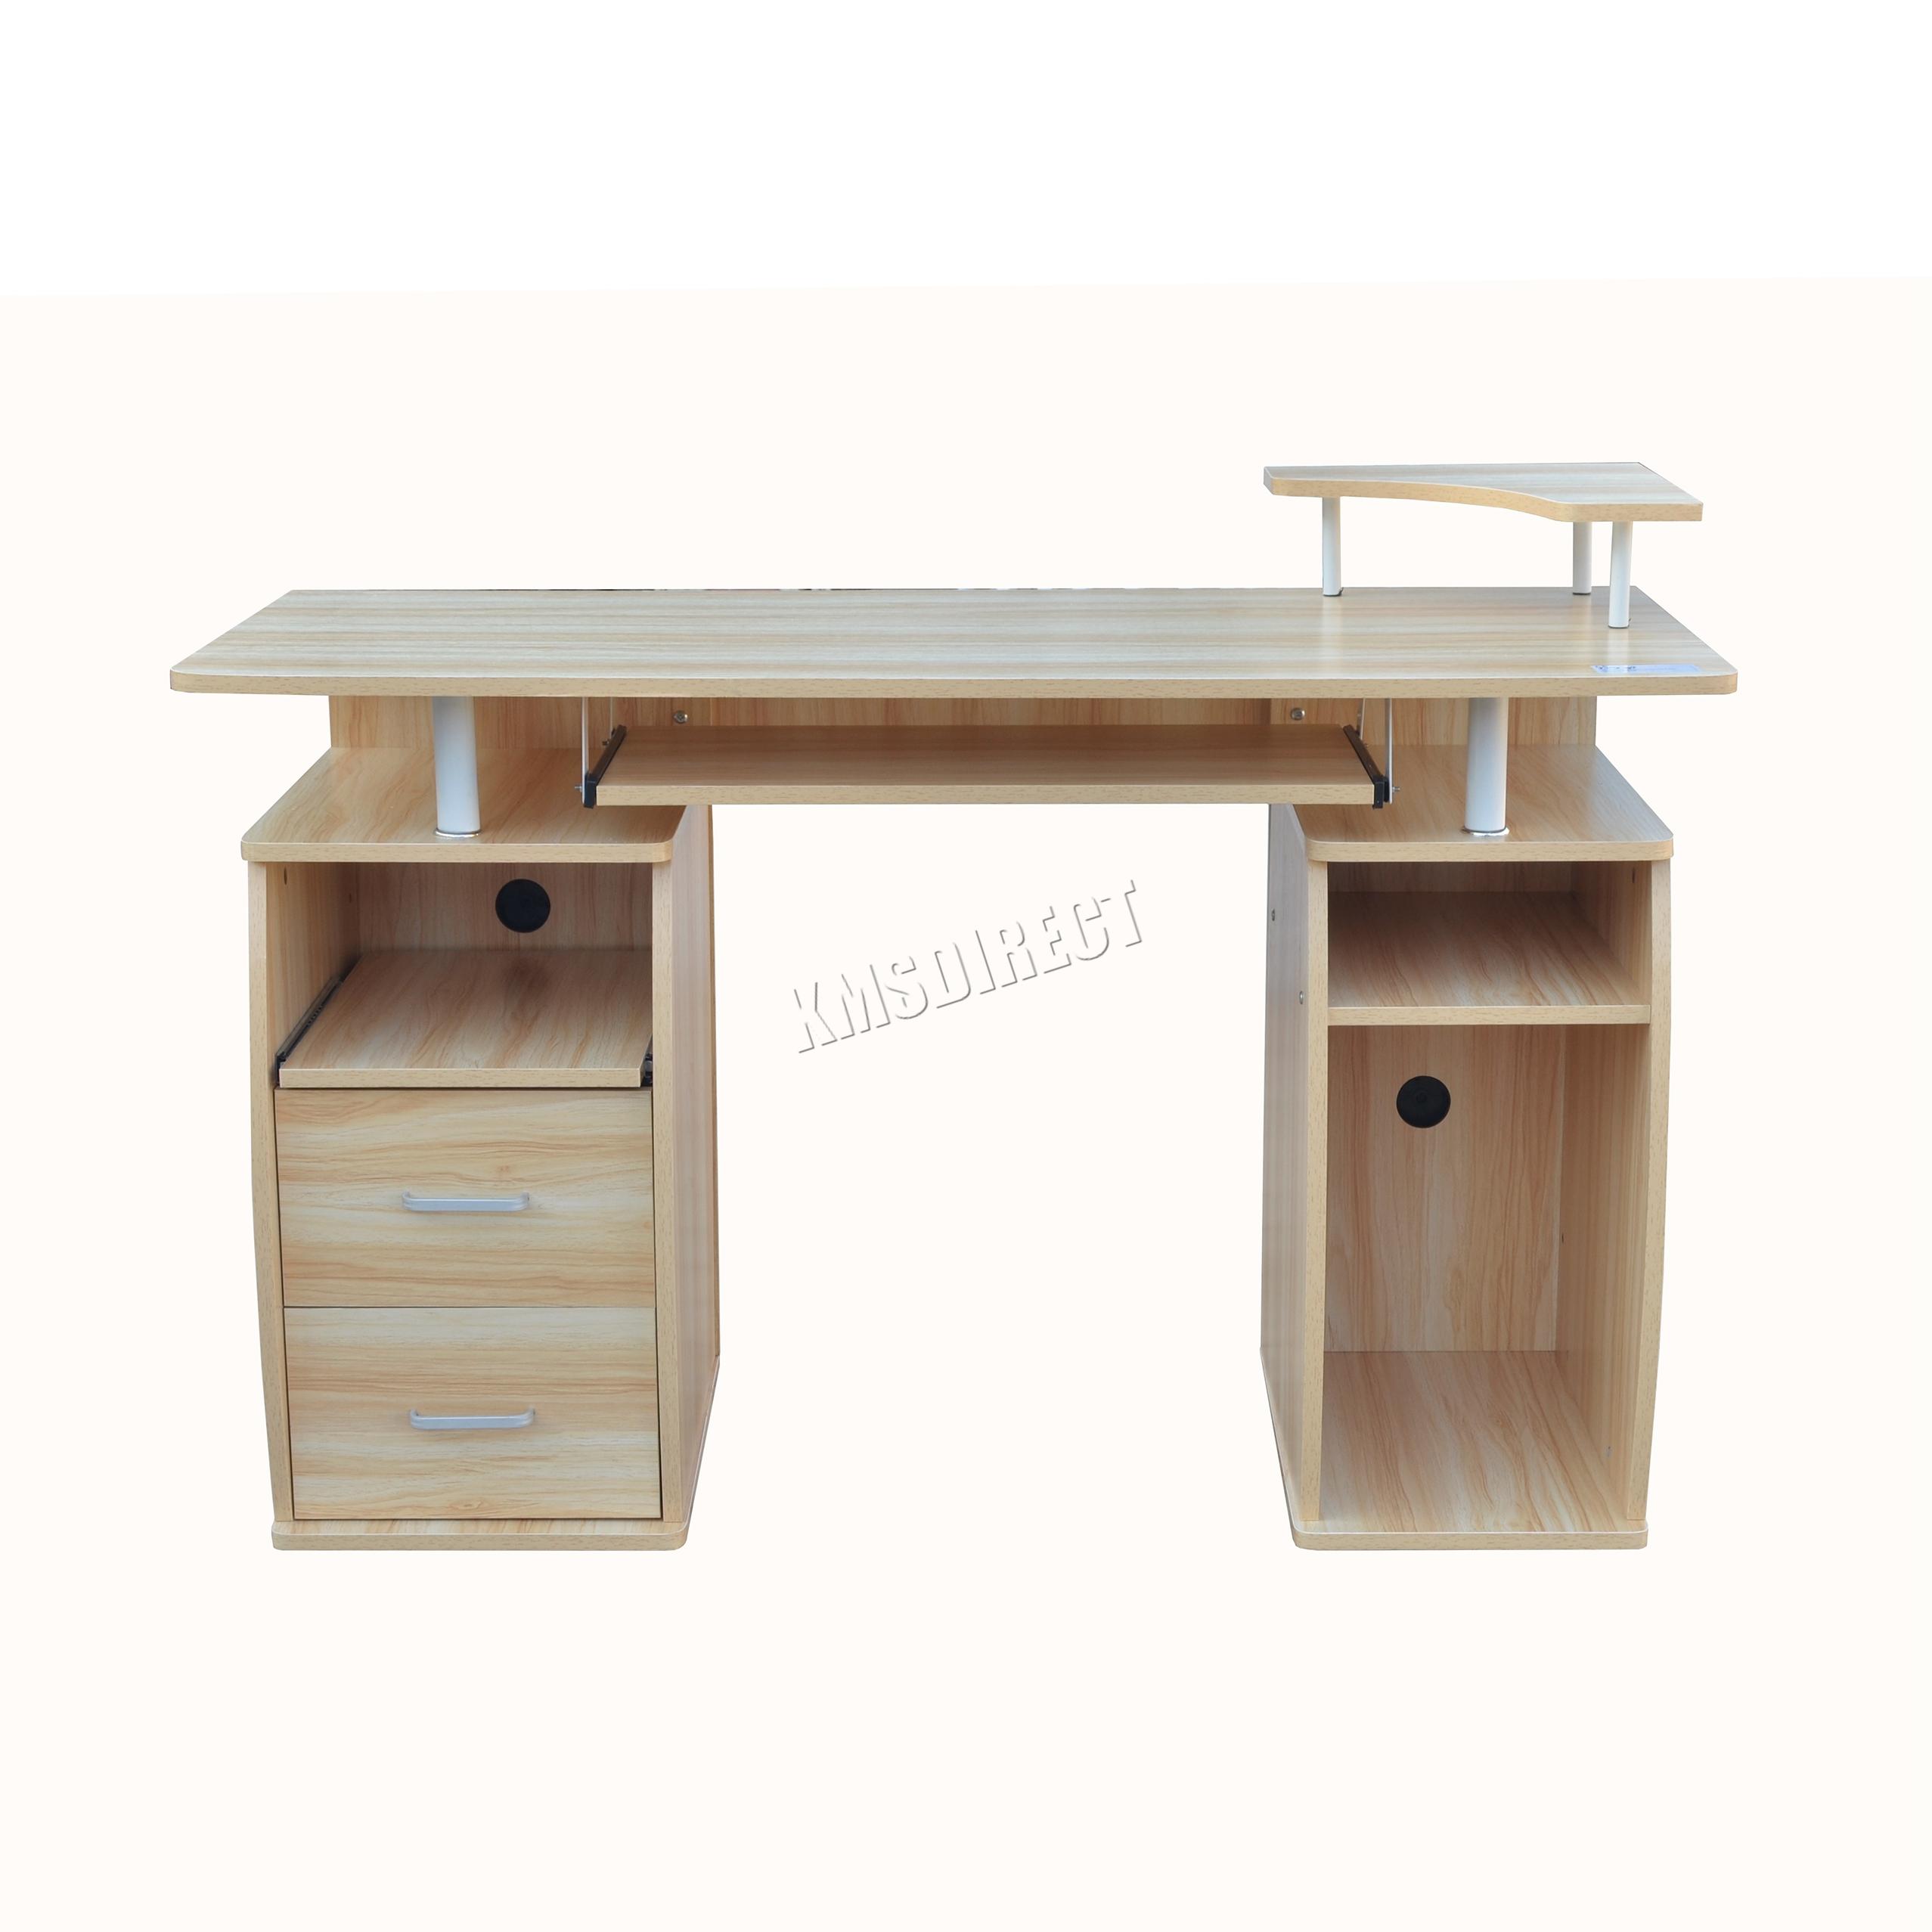 Foxhunter computador escritorio pc mesa con estanter as - Mesa escritorio con cajones ...